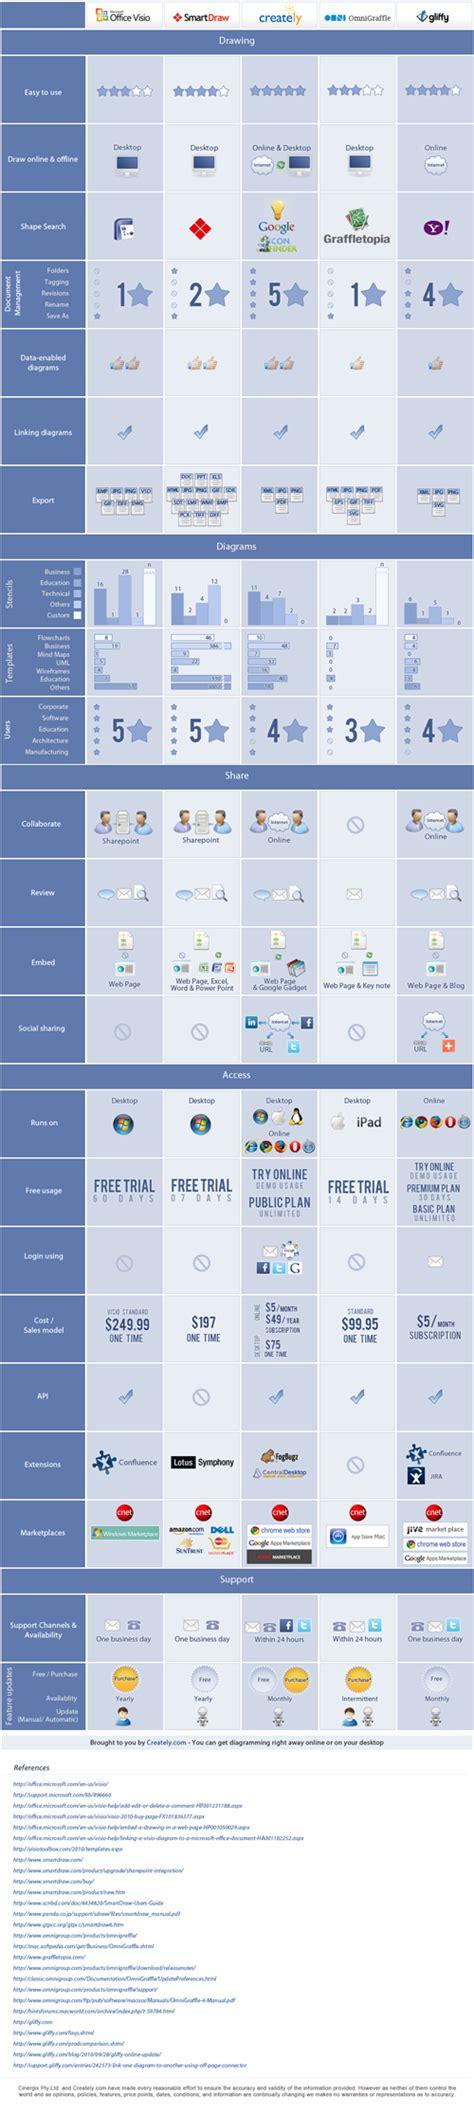 visio comparison a comparison infographic on visio smart draw creately